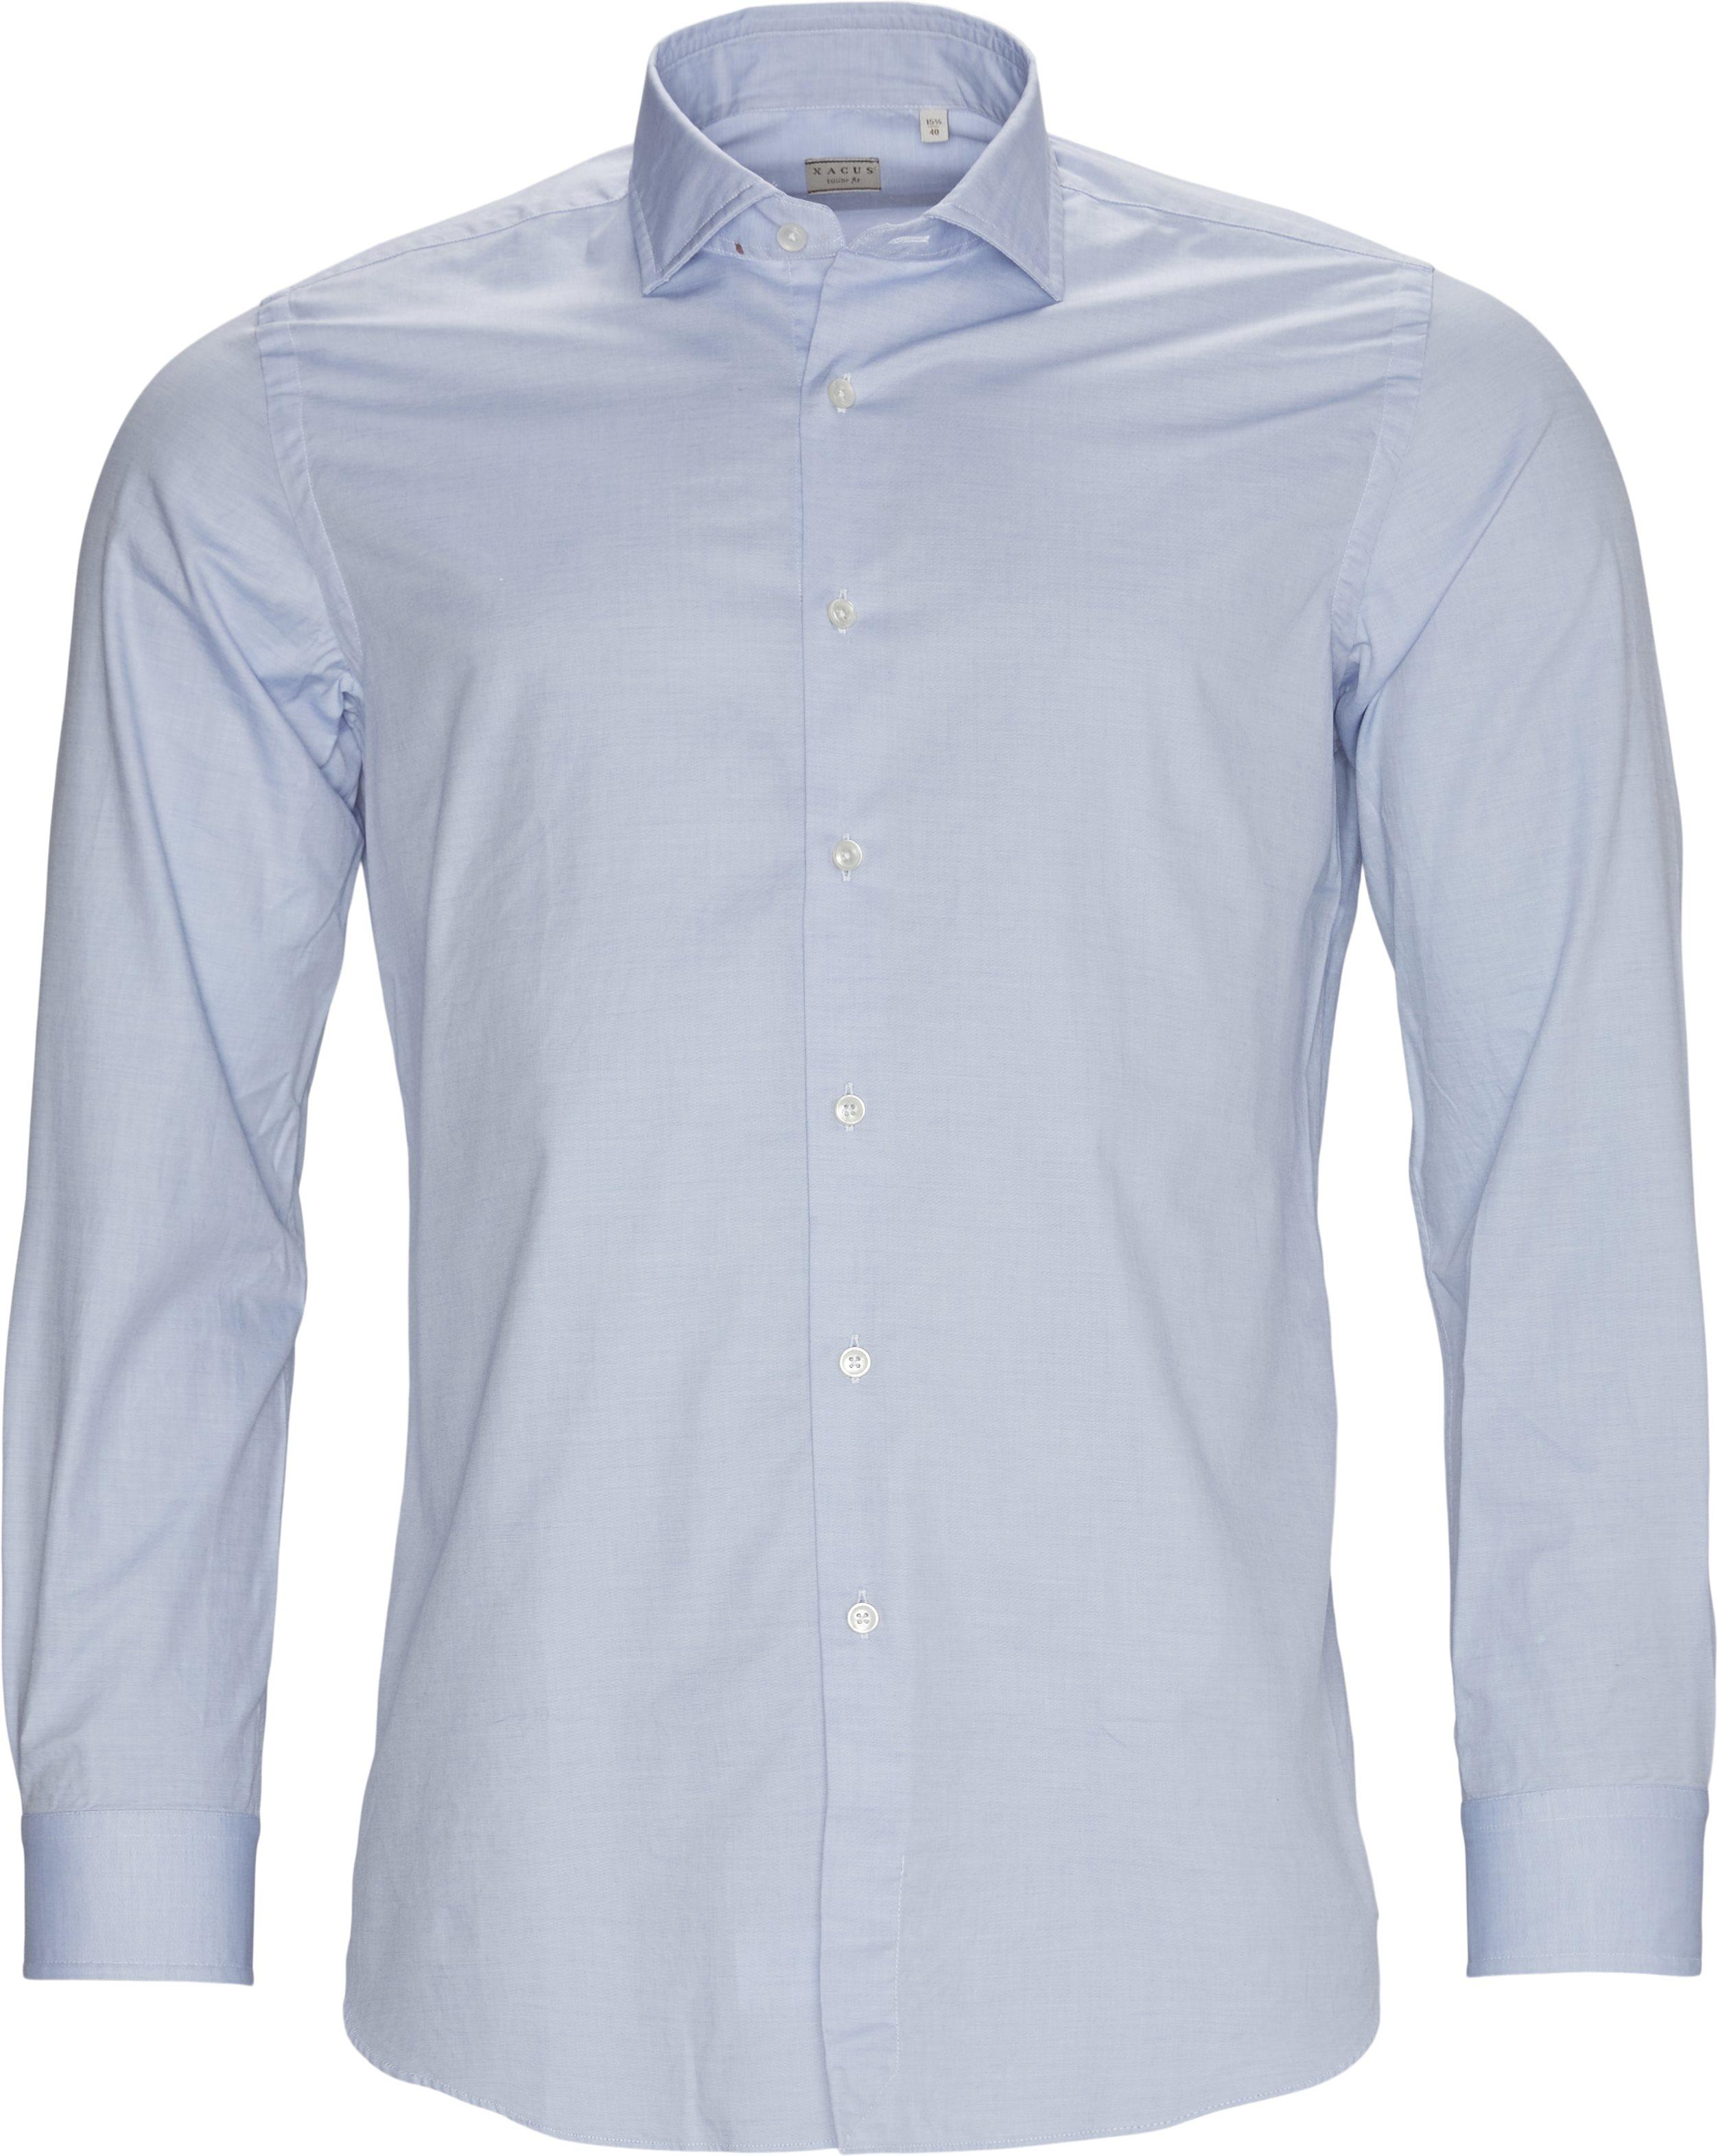 Skjorter - Slim fit - Blå